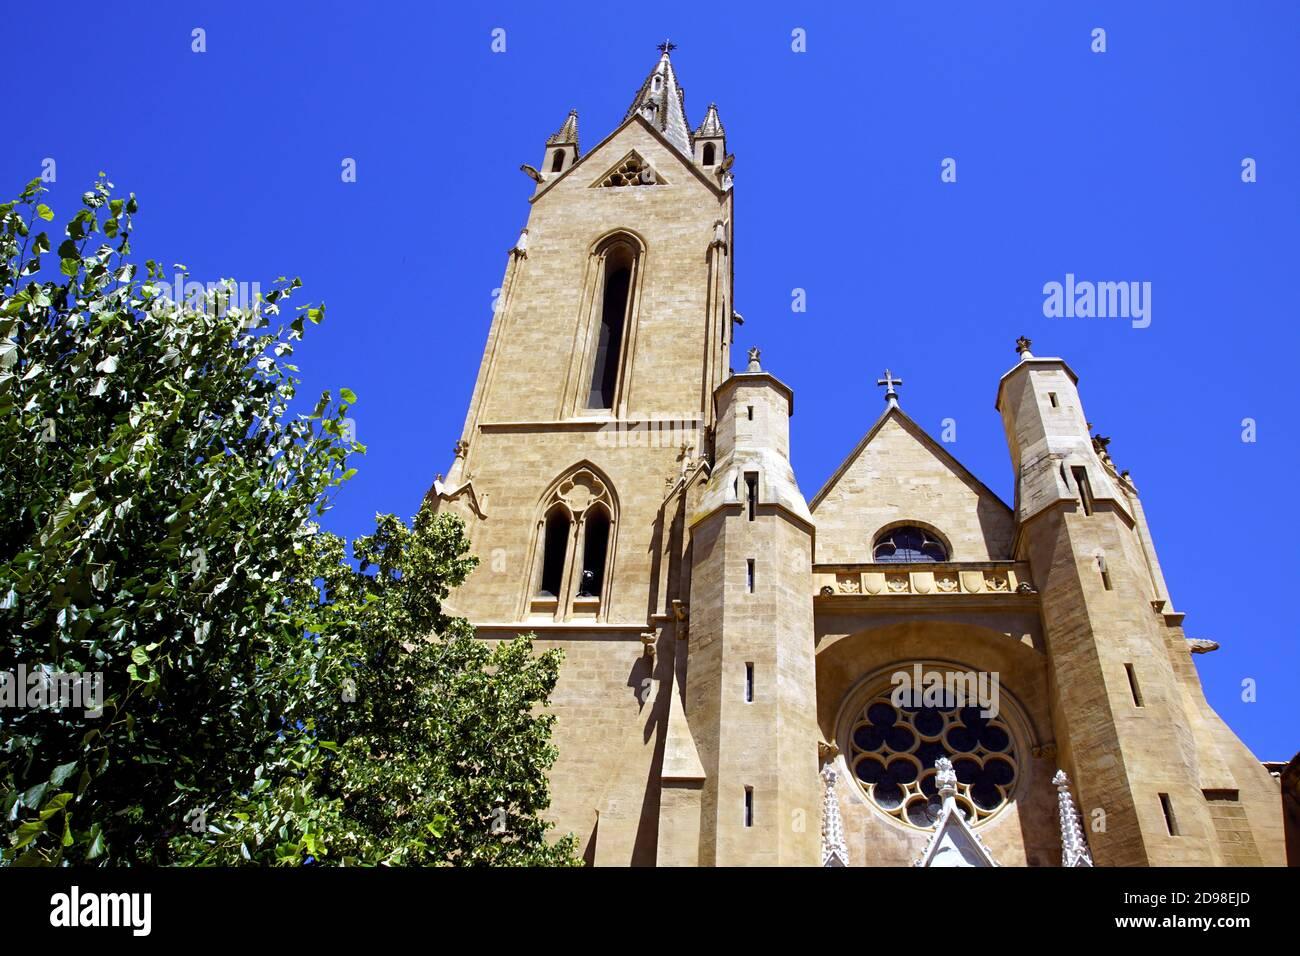 Église et paroisse de Saint-Jean de Malte à Aix-en-Provence, France Banque D'Images